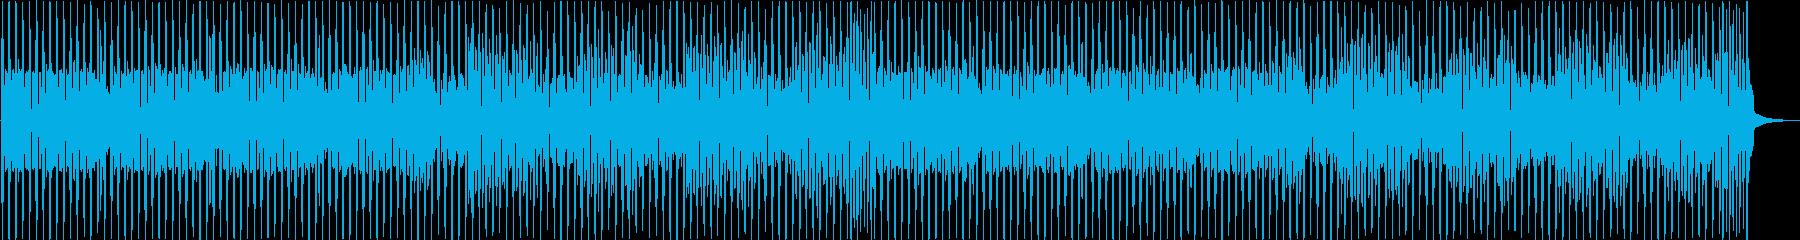 お茶目で愉快なYouTubeオープニングの再生済みの波形